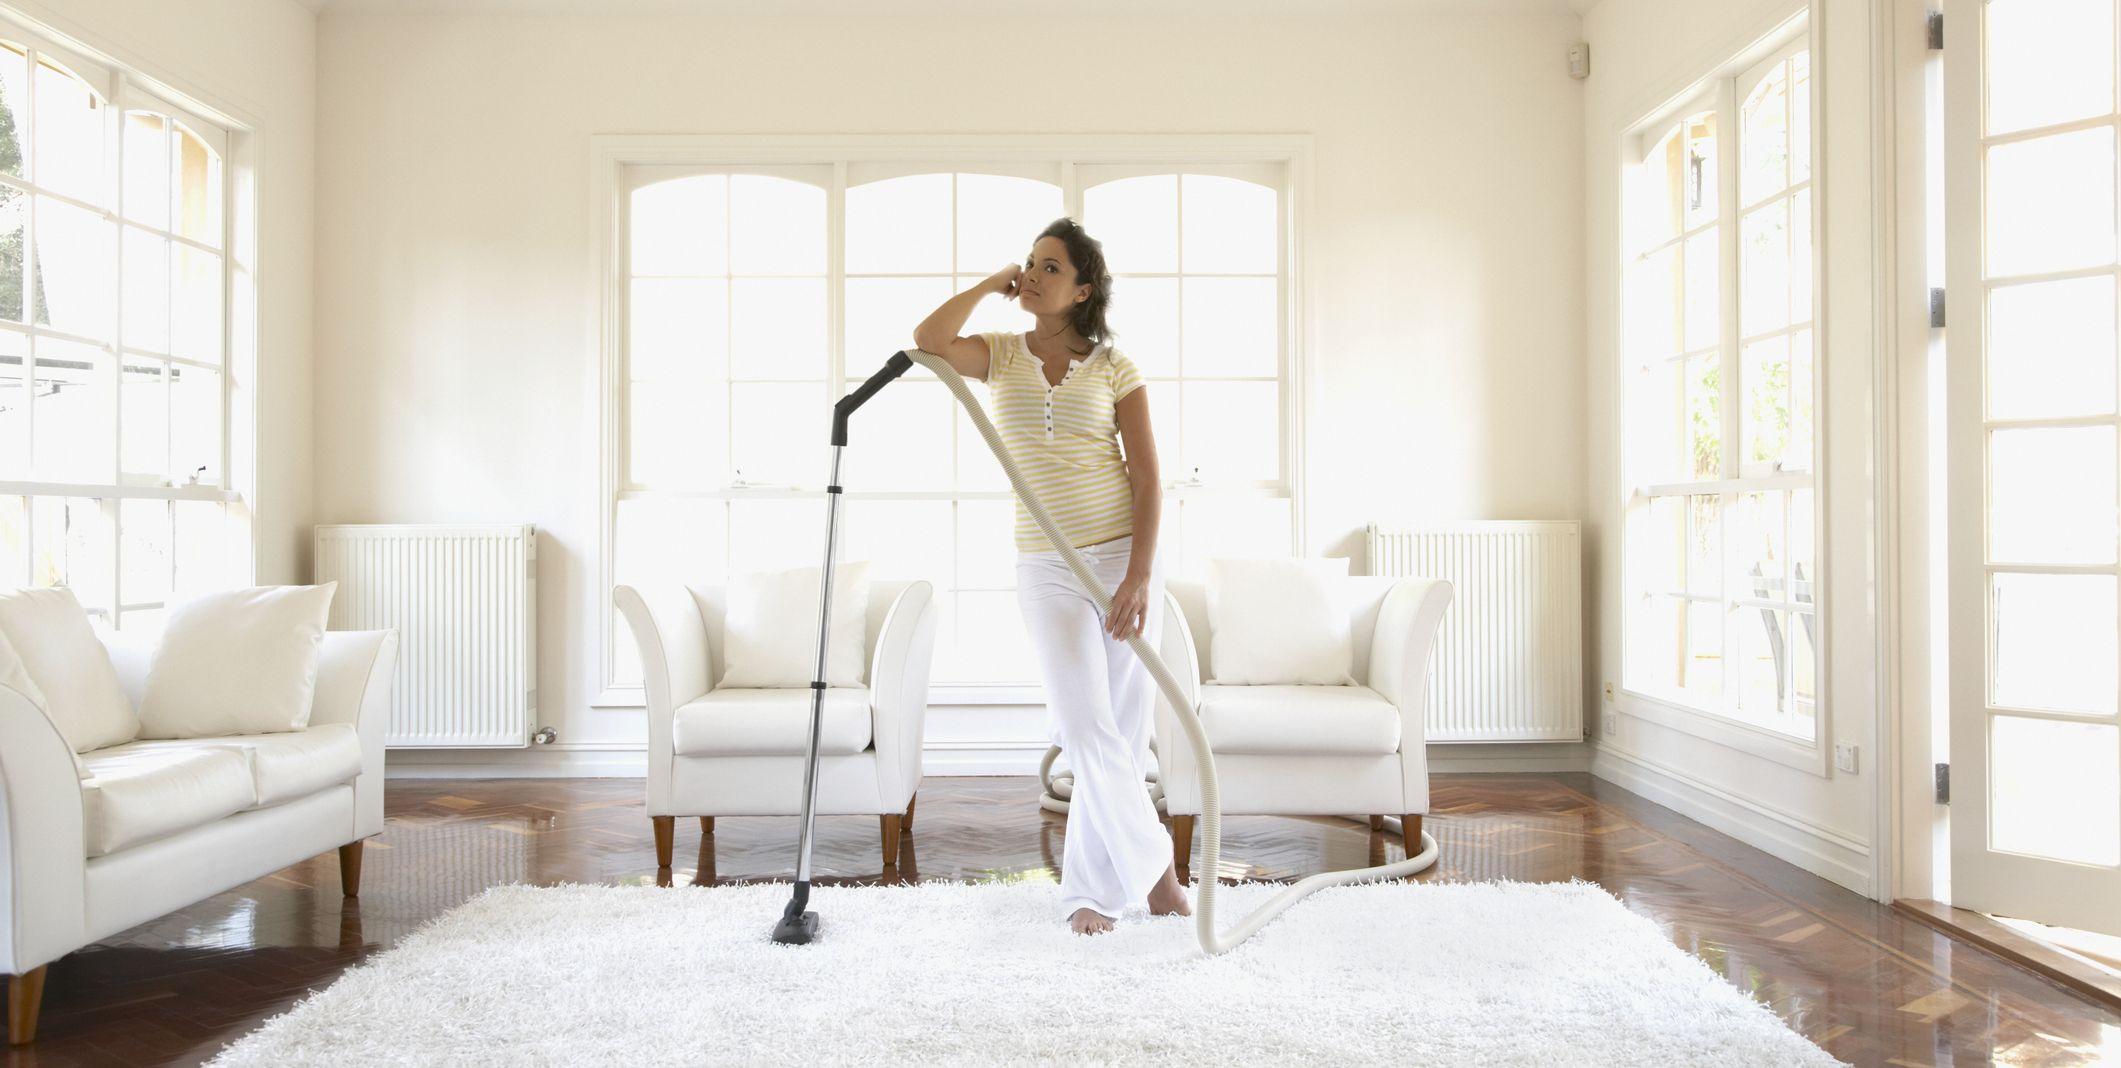 Opruimen? Vijf praktische tips van een opruimcoach